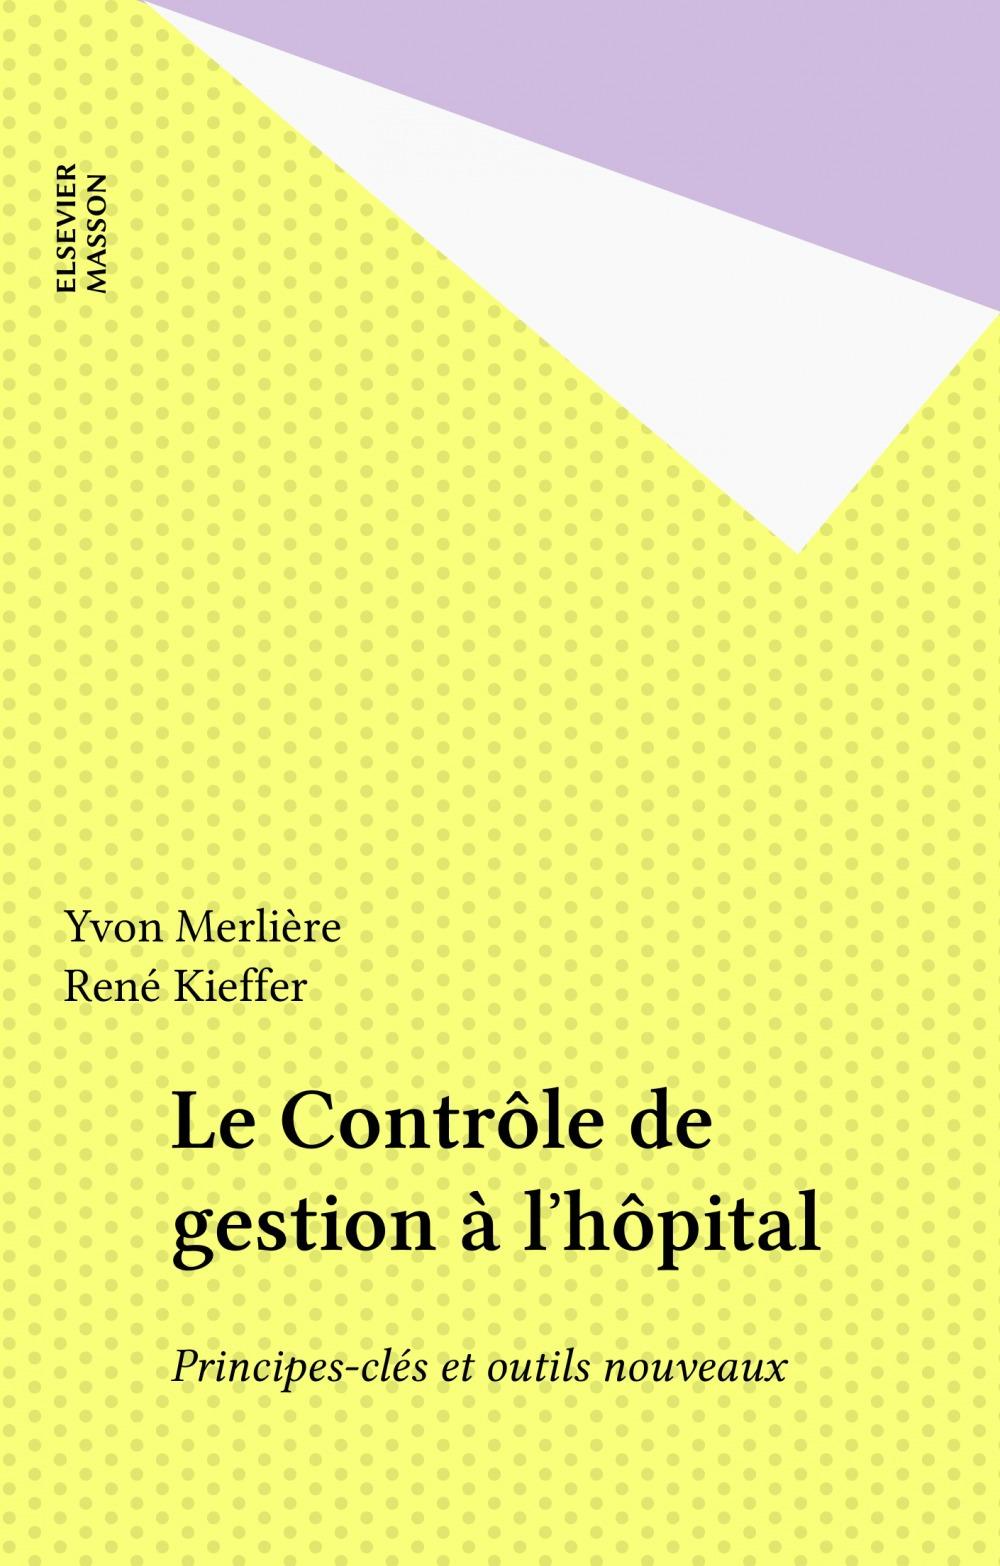 Le controle de gestion a l'hopital